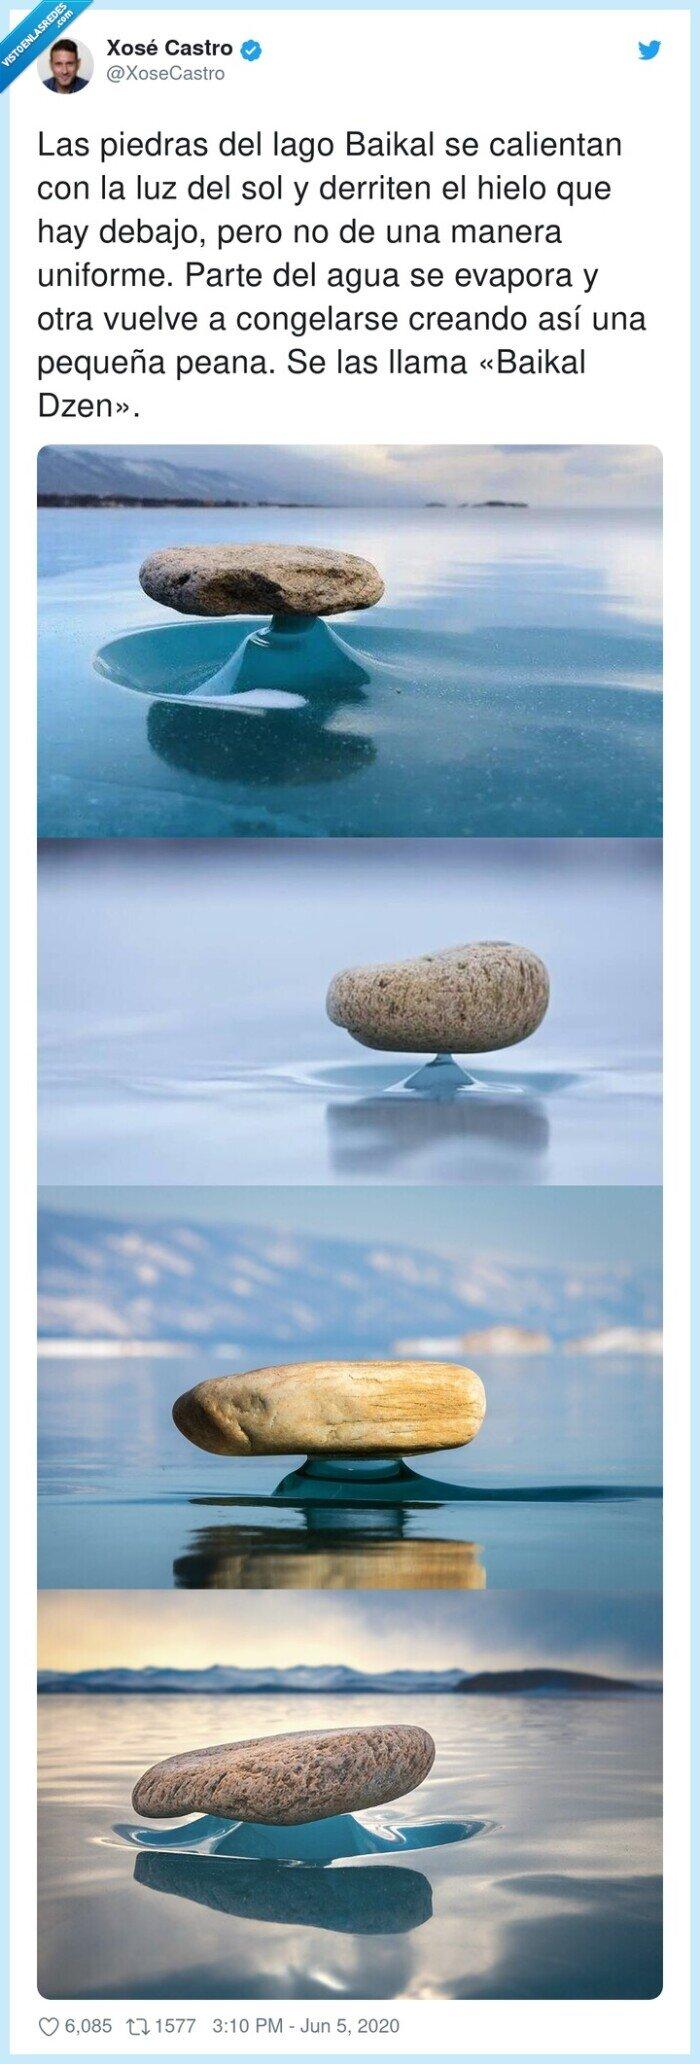 baikal,calientan,congelarse,derretirse,piedras,uniforme